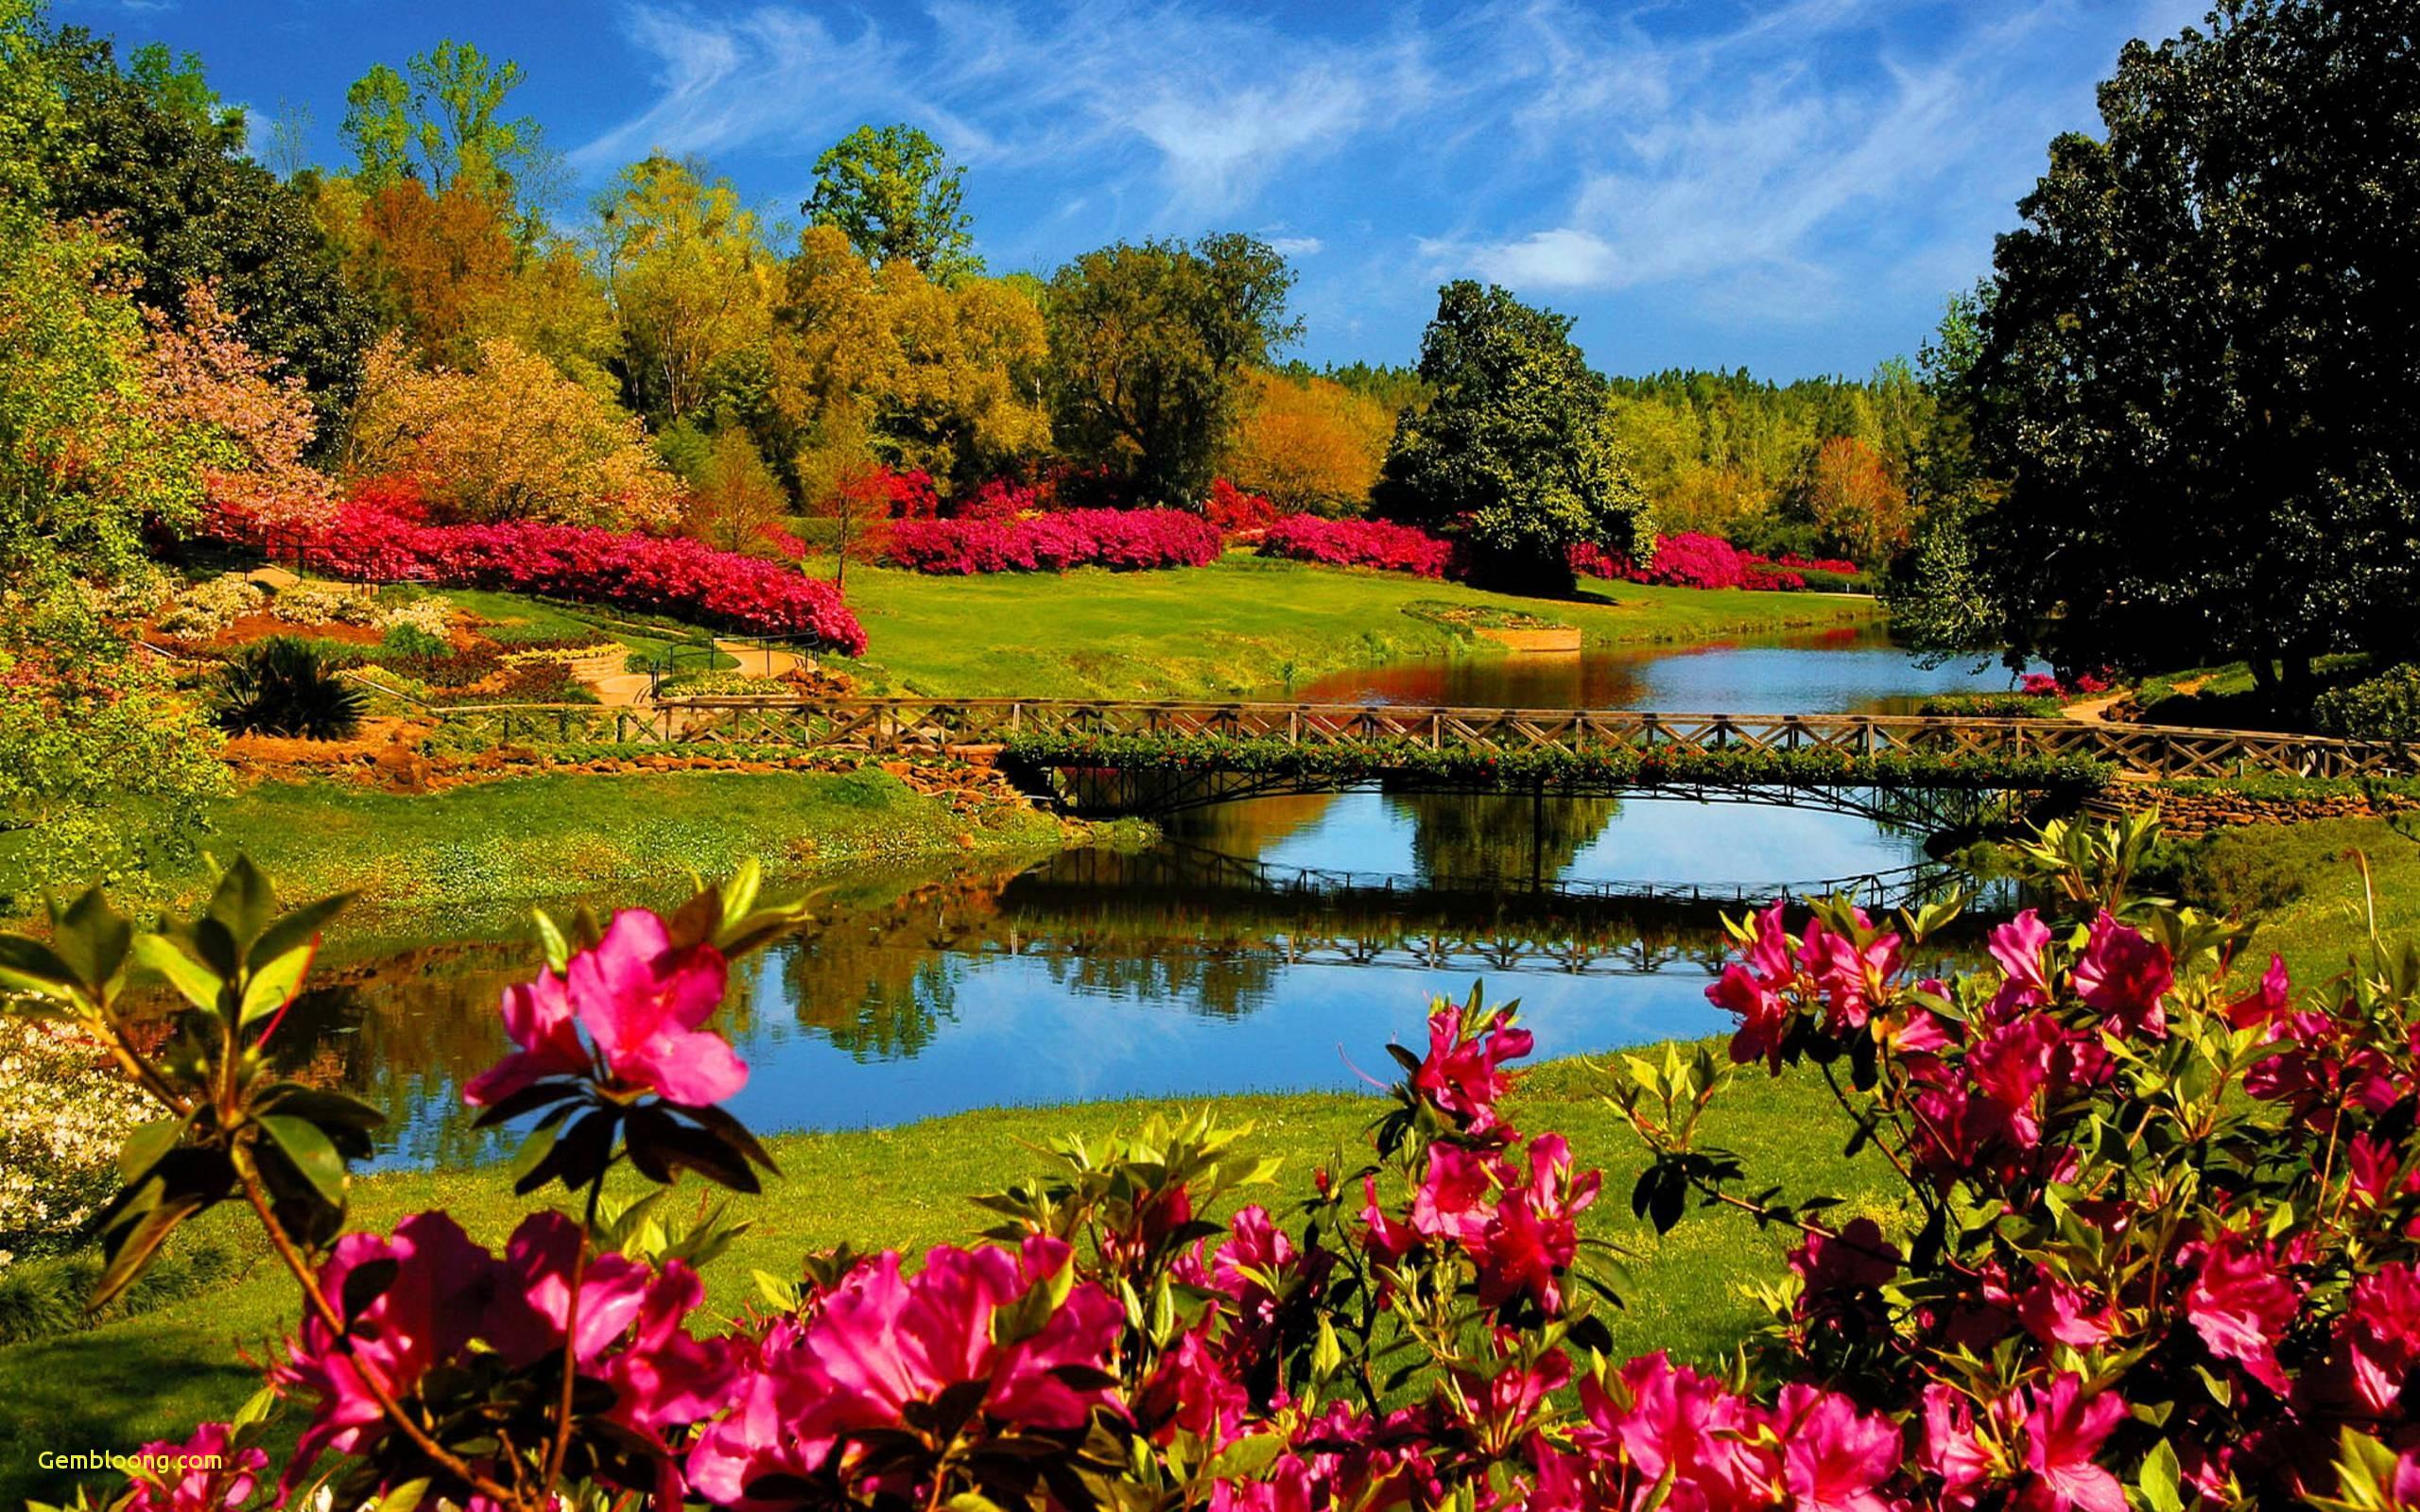 Hình ảnh thiên nhiên mùa xuân đẹp